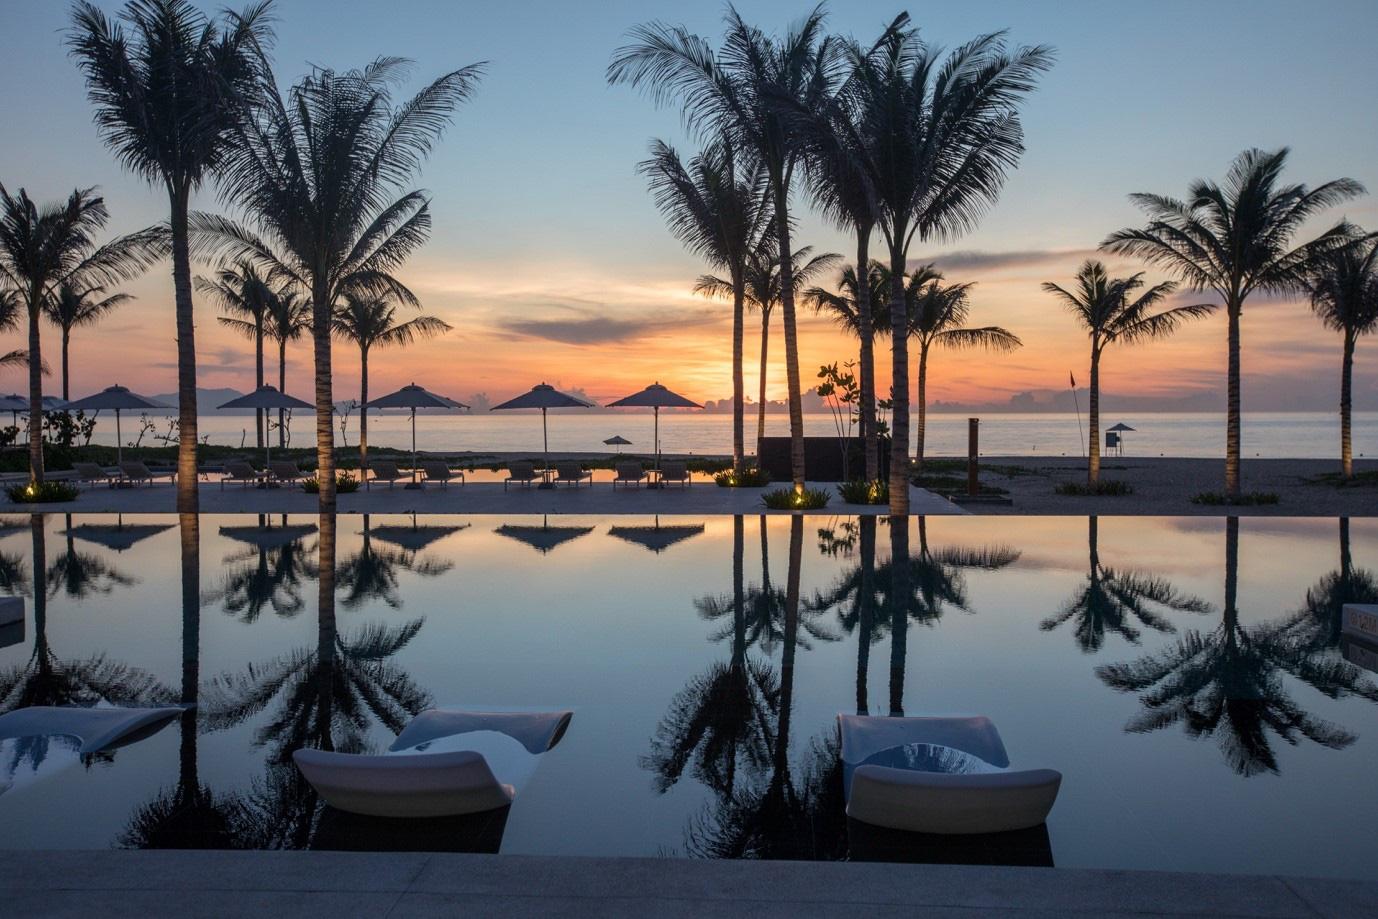 ALMA Resort voted in Vietnam's top 10 best resorts in 2020